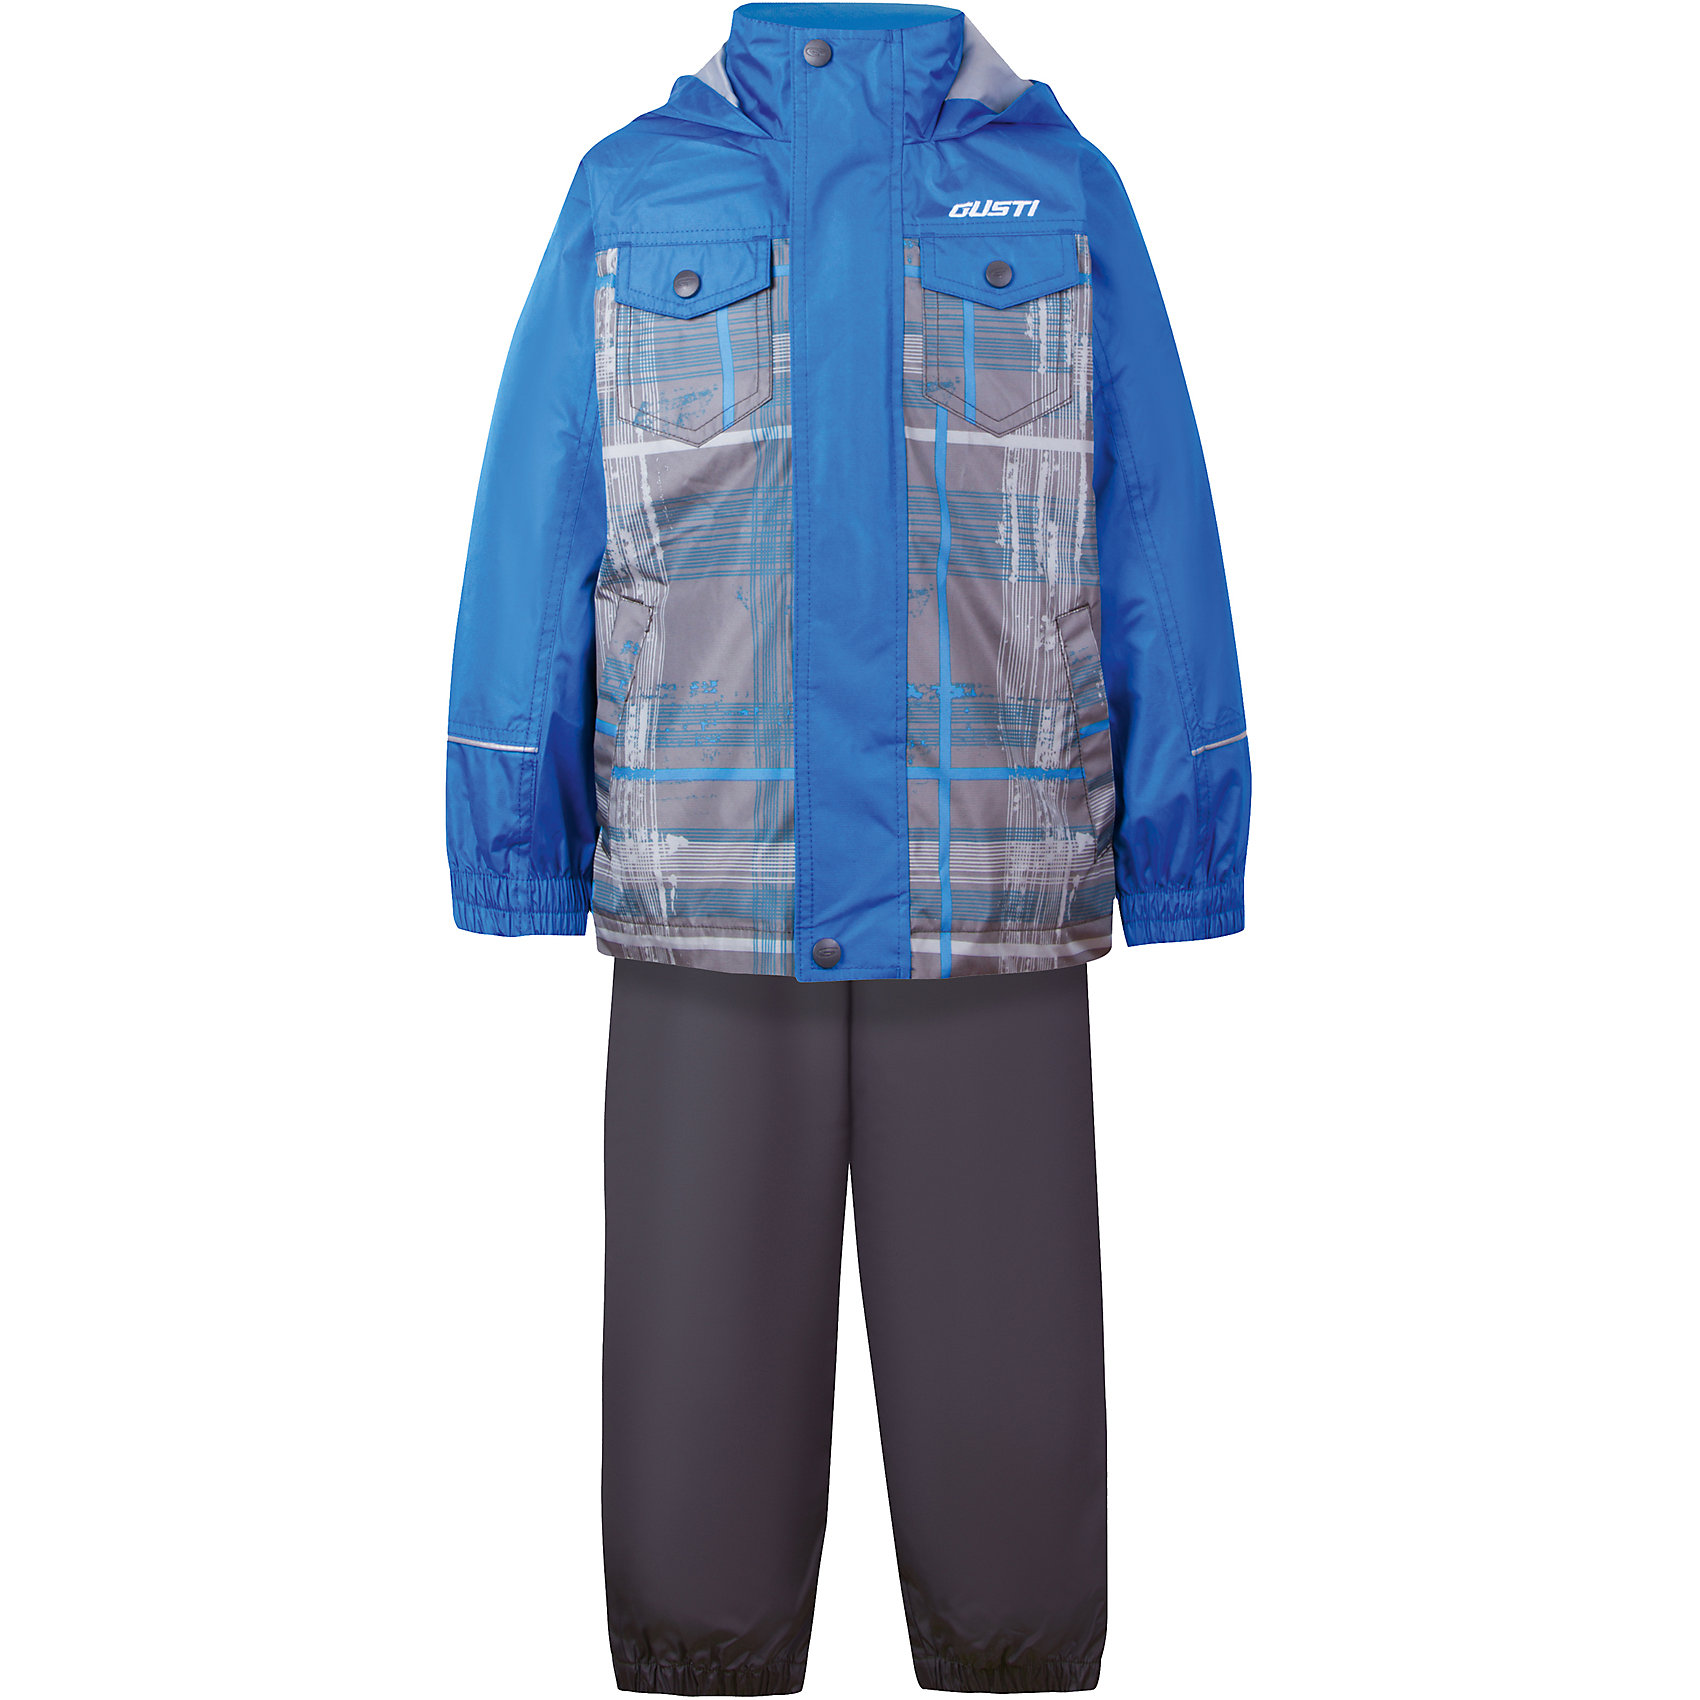 Комплект: куртка, толстовка и брюки для мальчика GustiВерхняя одежда<br>Характеристики товара:<br><br>• цвет: синий/коричневый<br>• куртка: 100% полиэстер, съёмная флисовая толстовка: 100% полиэстер<br>• брюки: верх 100% полиэстер, подкладка 100% х/б<br>• без утеплителя<br>• комплектация: куртка, съемная флисовая подкладка, брюки<br>• температурный режим: от 0° С до +15° С<br>• водонепроницаемость: 2000 мм<br>• воздухопроницаемость: 2000 мм<br>• ветронепродуваемый<br>• капюшон не отстёгивается<br>• пять внешних карманов<br>• съемные подтяжки<br>• брючины эластичные<br>• светоотражающие элементы<br>• молния<br>• страна бренда: Канада<br><br>Этот демисезонный комплект из куртки, пристегивающейся к ней толстовки из флиса, и штанов поможет обеспечить ребенку комфорт и тепло. Предметы удобно садятся по фигуре, отлично смотрятся с различной обувью. Комплект очень модно выглядит, он хорошо защищает от ветра и влаги. Материал отлично подходит для дождливой погоды. Стильный дизайн разрабатывался специально для детей.<br><br>Комплект: куртка, толстовка и брюки для мальчика от известного бренда Gusti (Густи) можно купить в нашем интернет-магазине.<br><br>Ширина мм: 356<br>Глубина мм: 10<br>Высота мм: 245<br>Вес г: 519<br>Цвет: синий<br>Возраст от месяцев: 12<br>Возраст до месяцев: 15<br>Пол: Мужской<br>Возраст: Детский<br>Размер: 80,152,140,128,122,120,116,110,104,100,98,92,90,86<br>SKU: 5452374